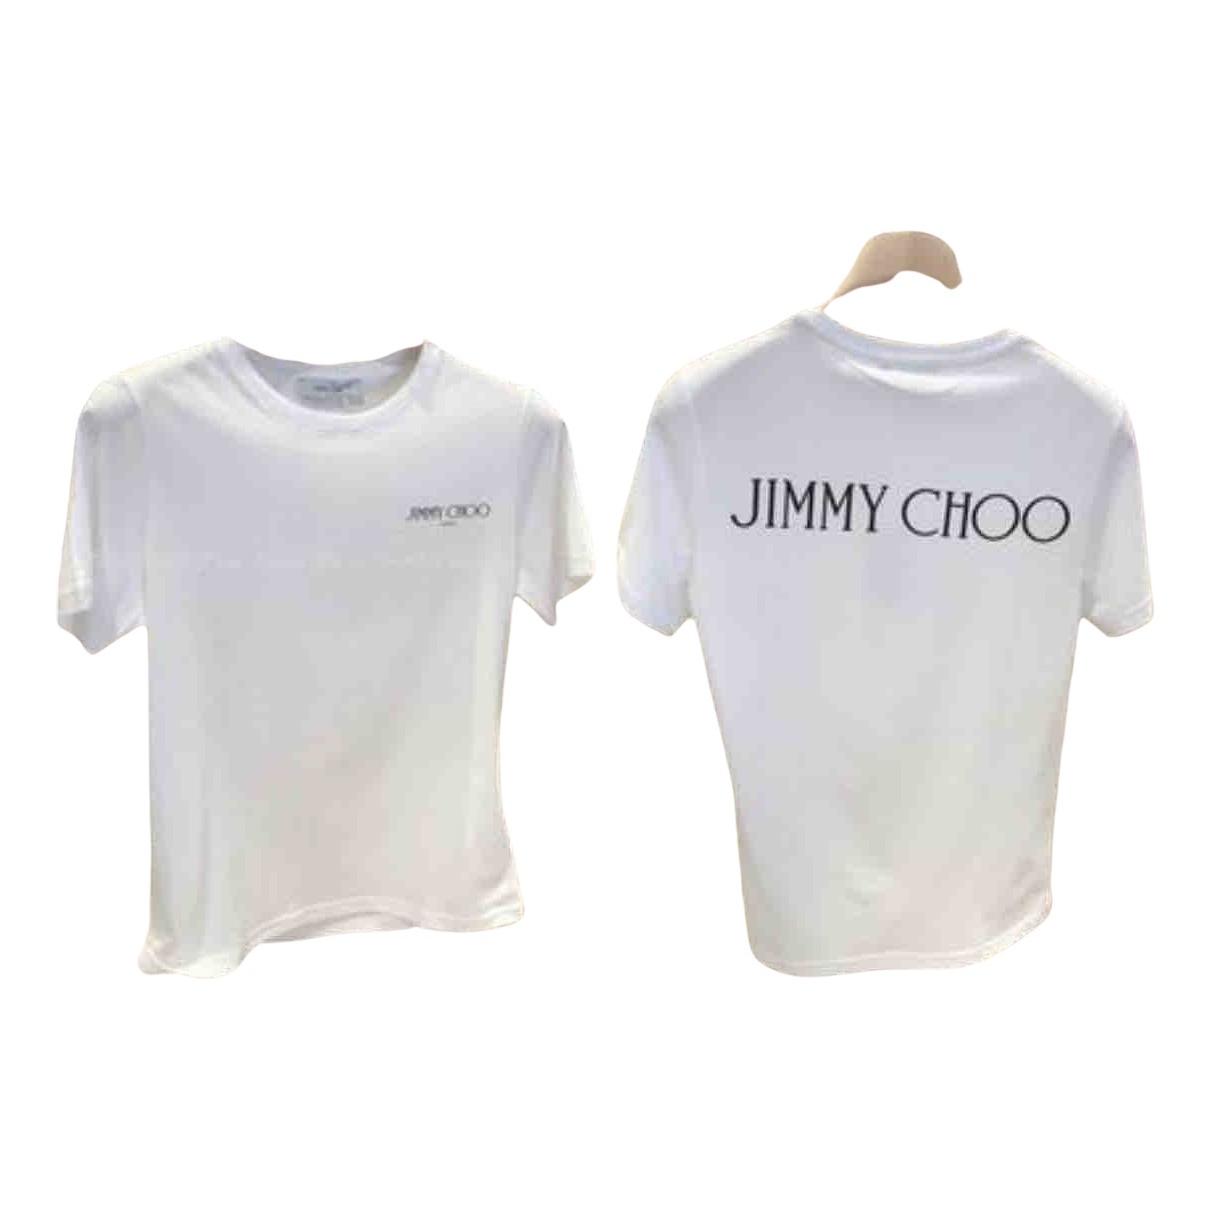 Jimmy Choo - Top   pour femme en coton - blanc